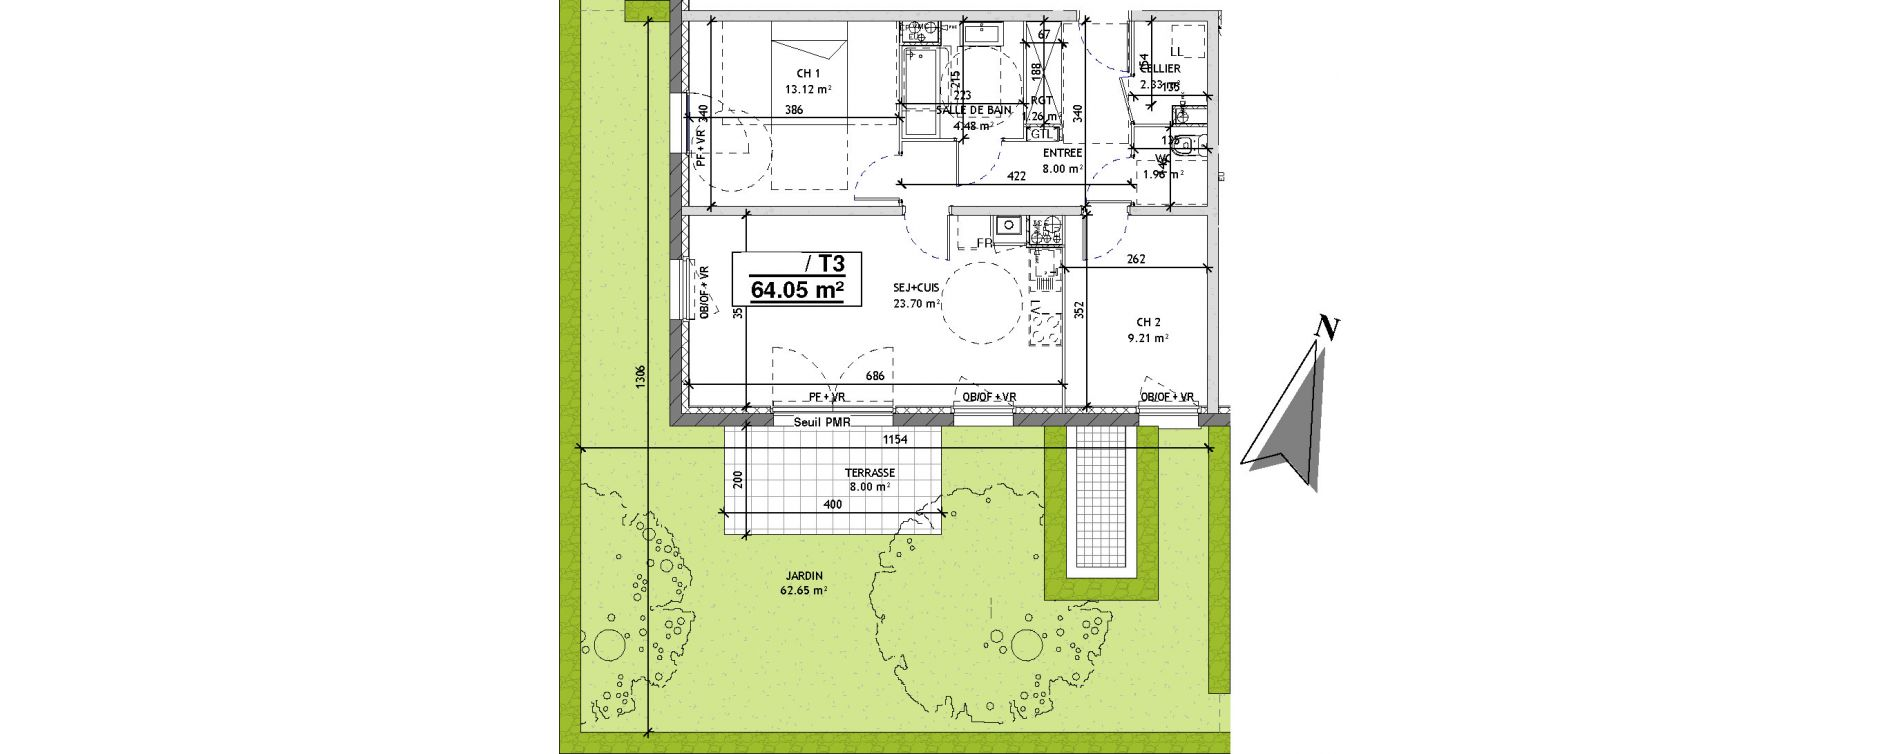 Appartement T3 de 64,05 m2 à Mons-En-Barœul Centre